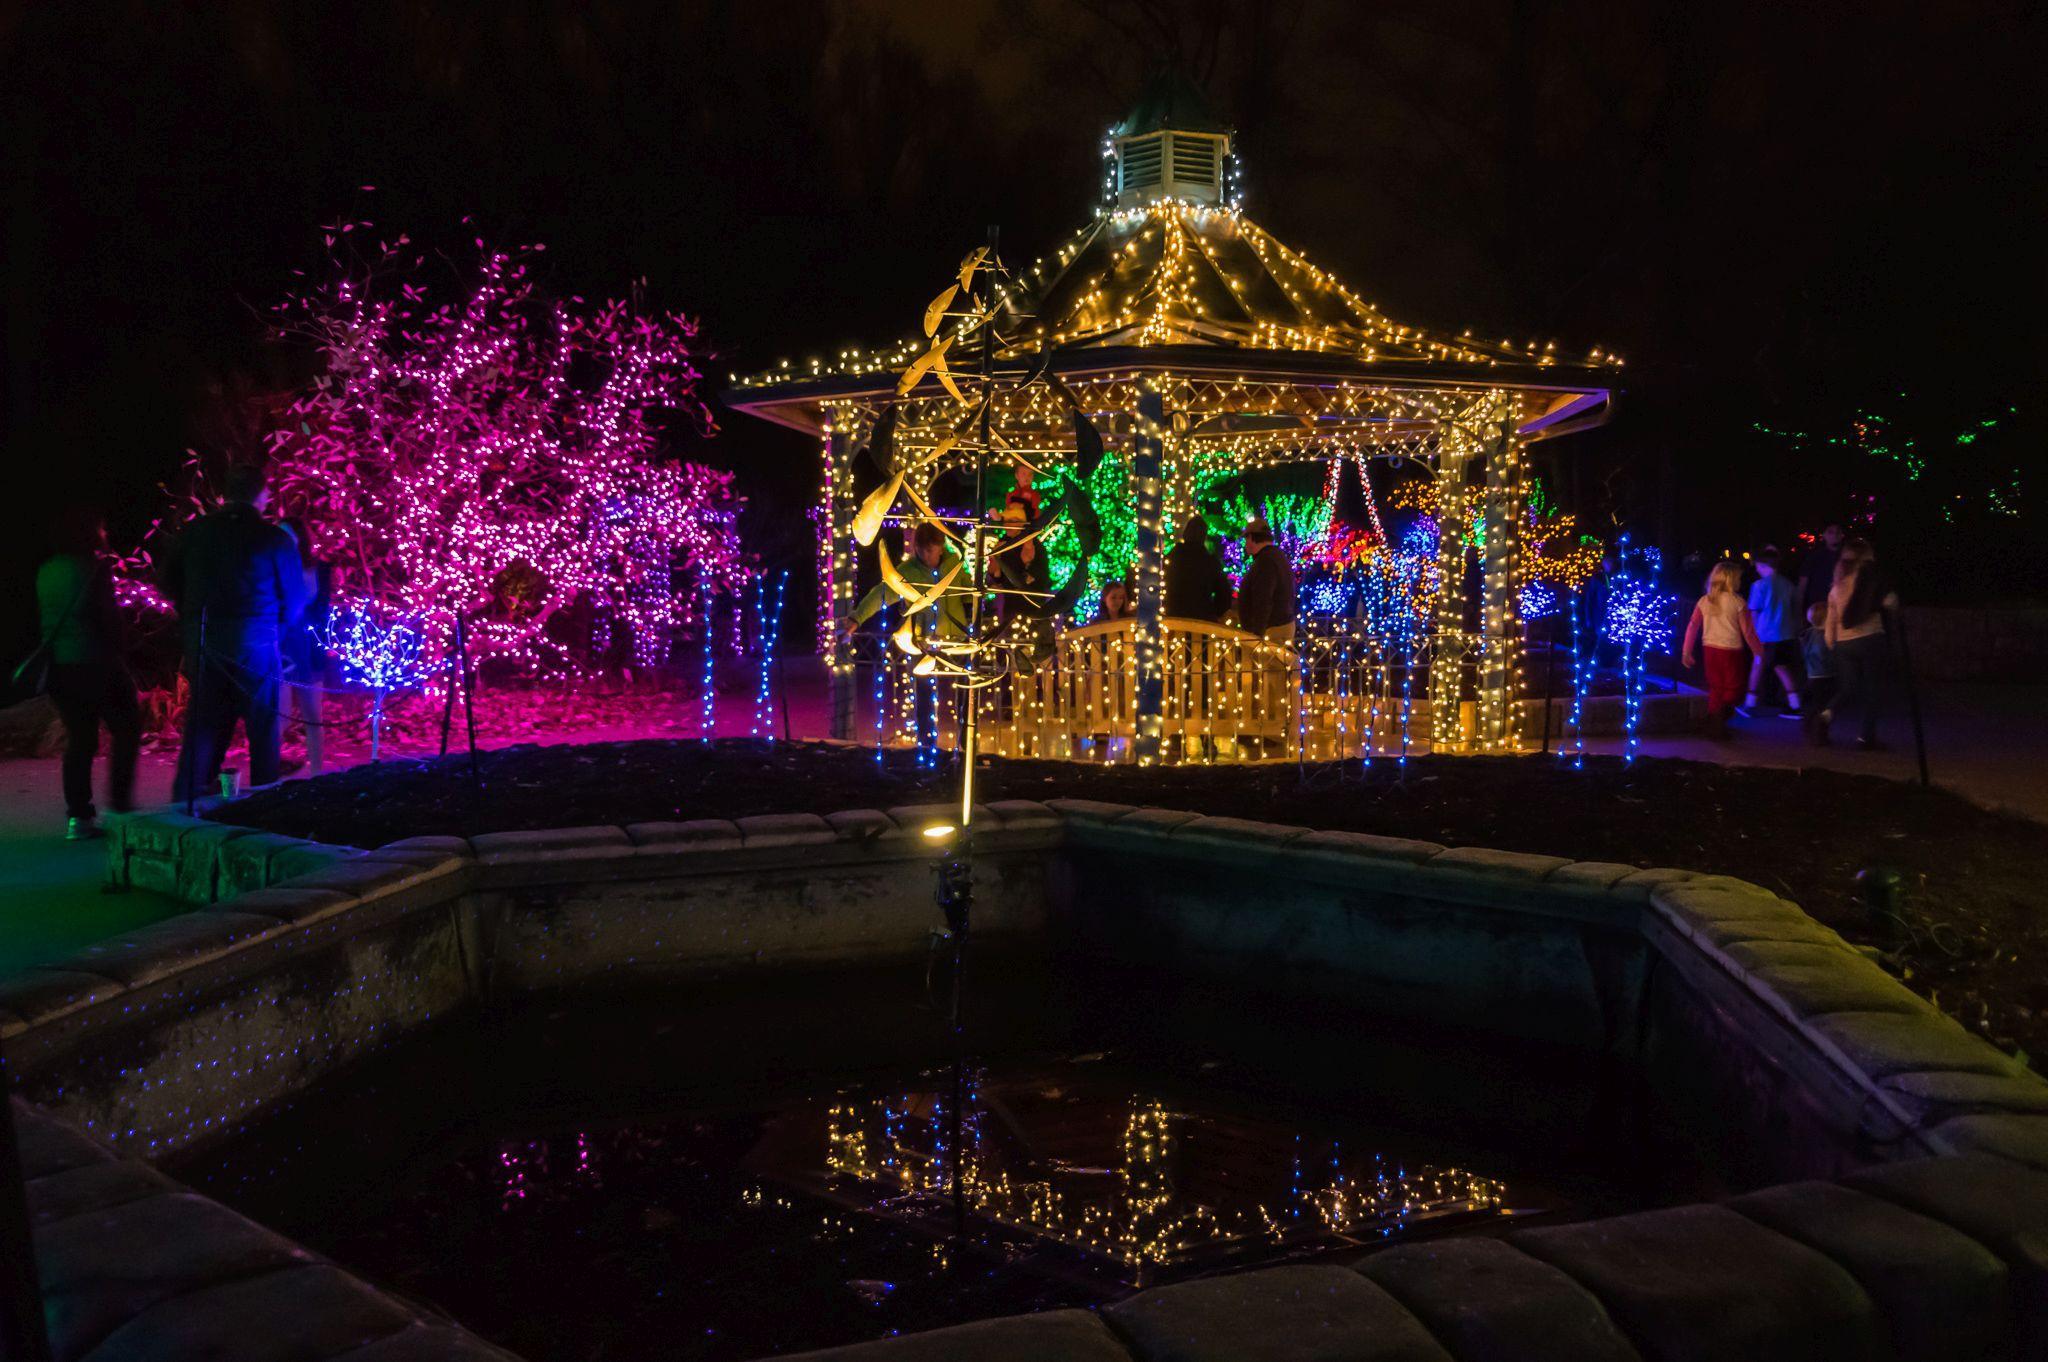 brookside gardens of lights 2017 christmas display